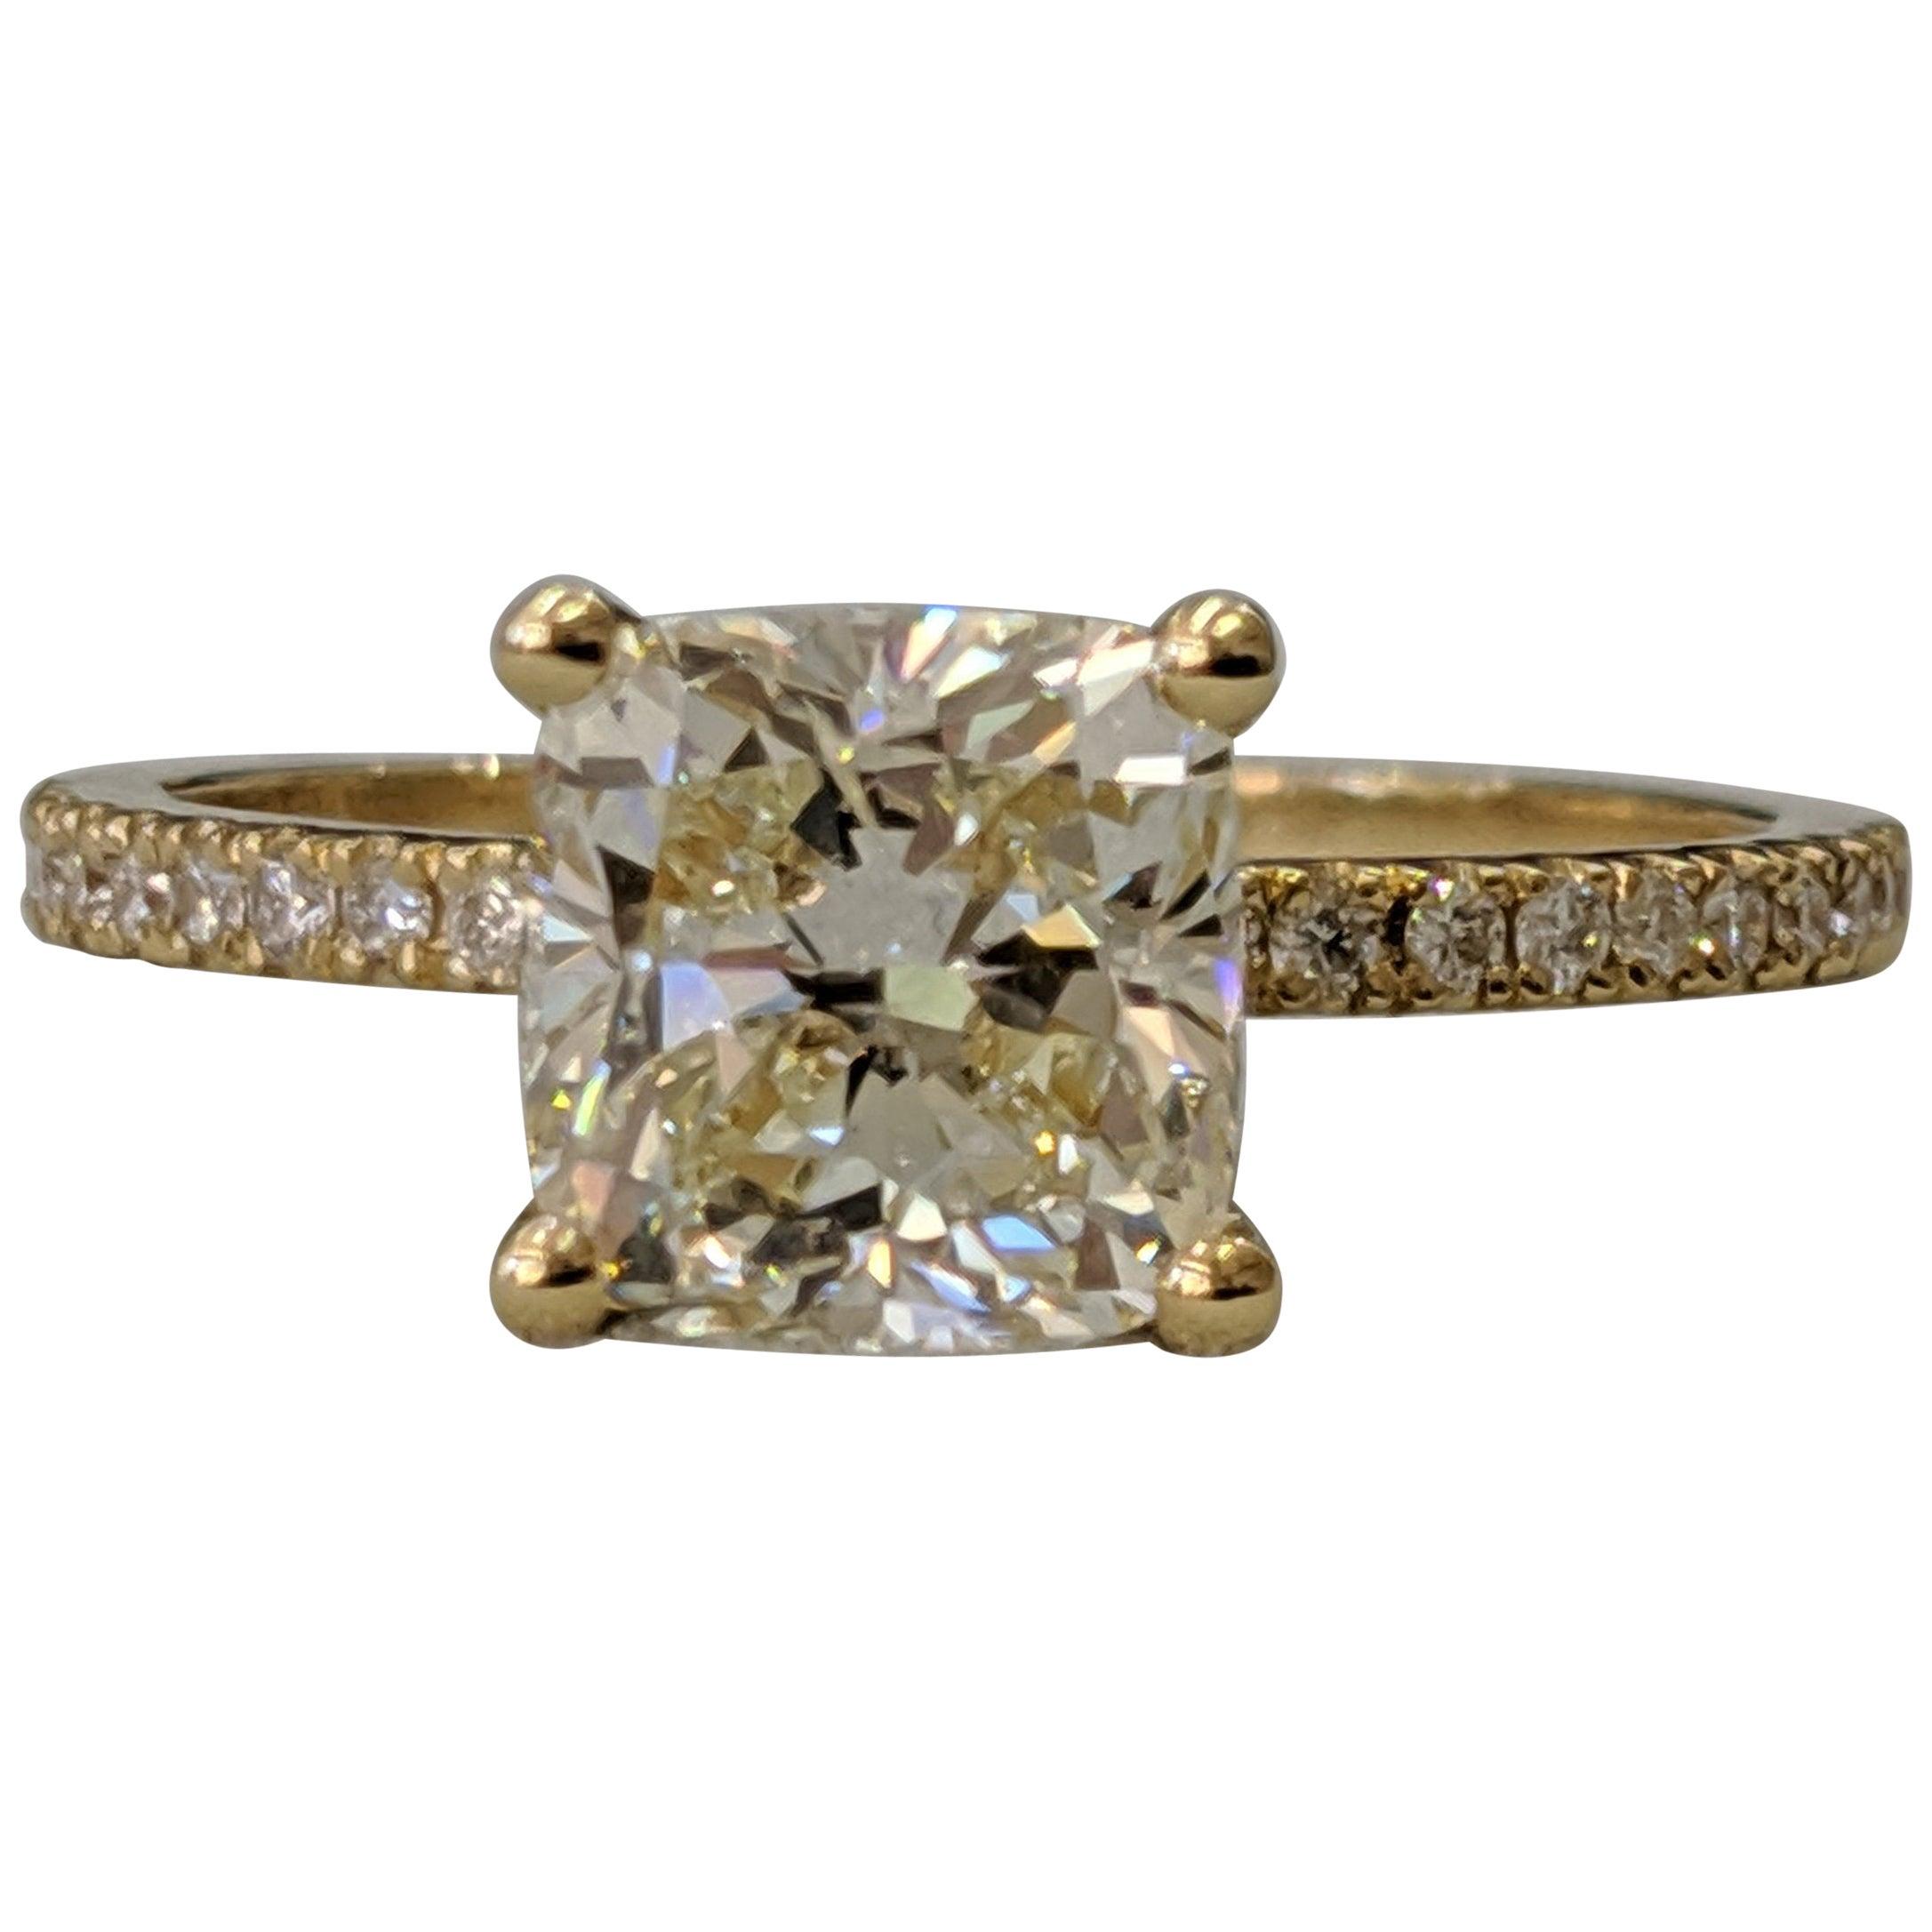 1.75 Carat 14 Karat Yellow Gold Cushion Diamond Engagement Ring